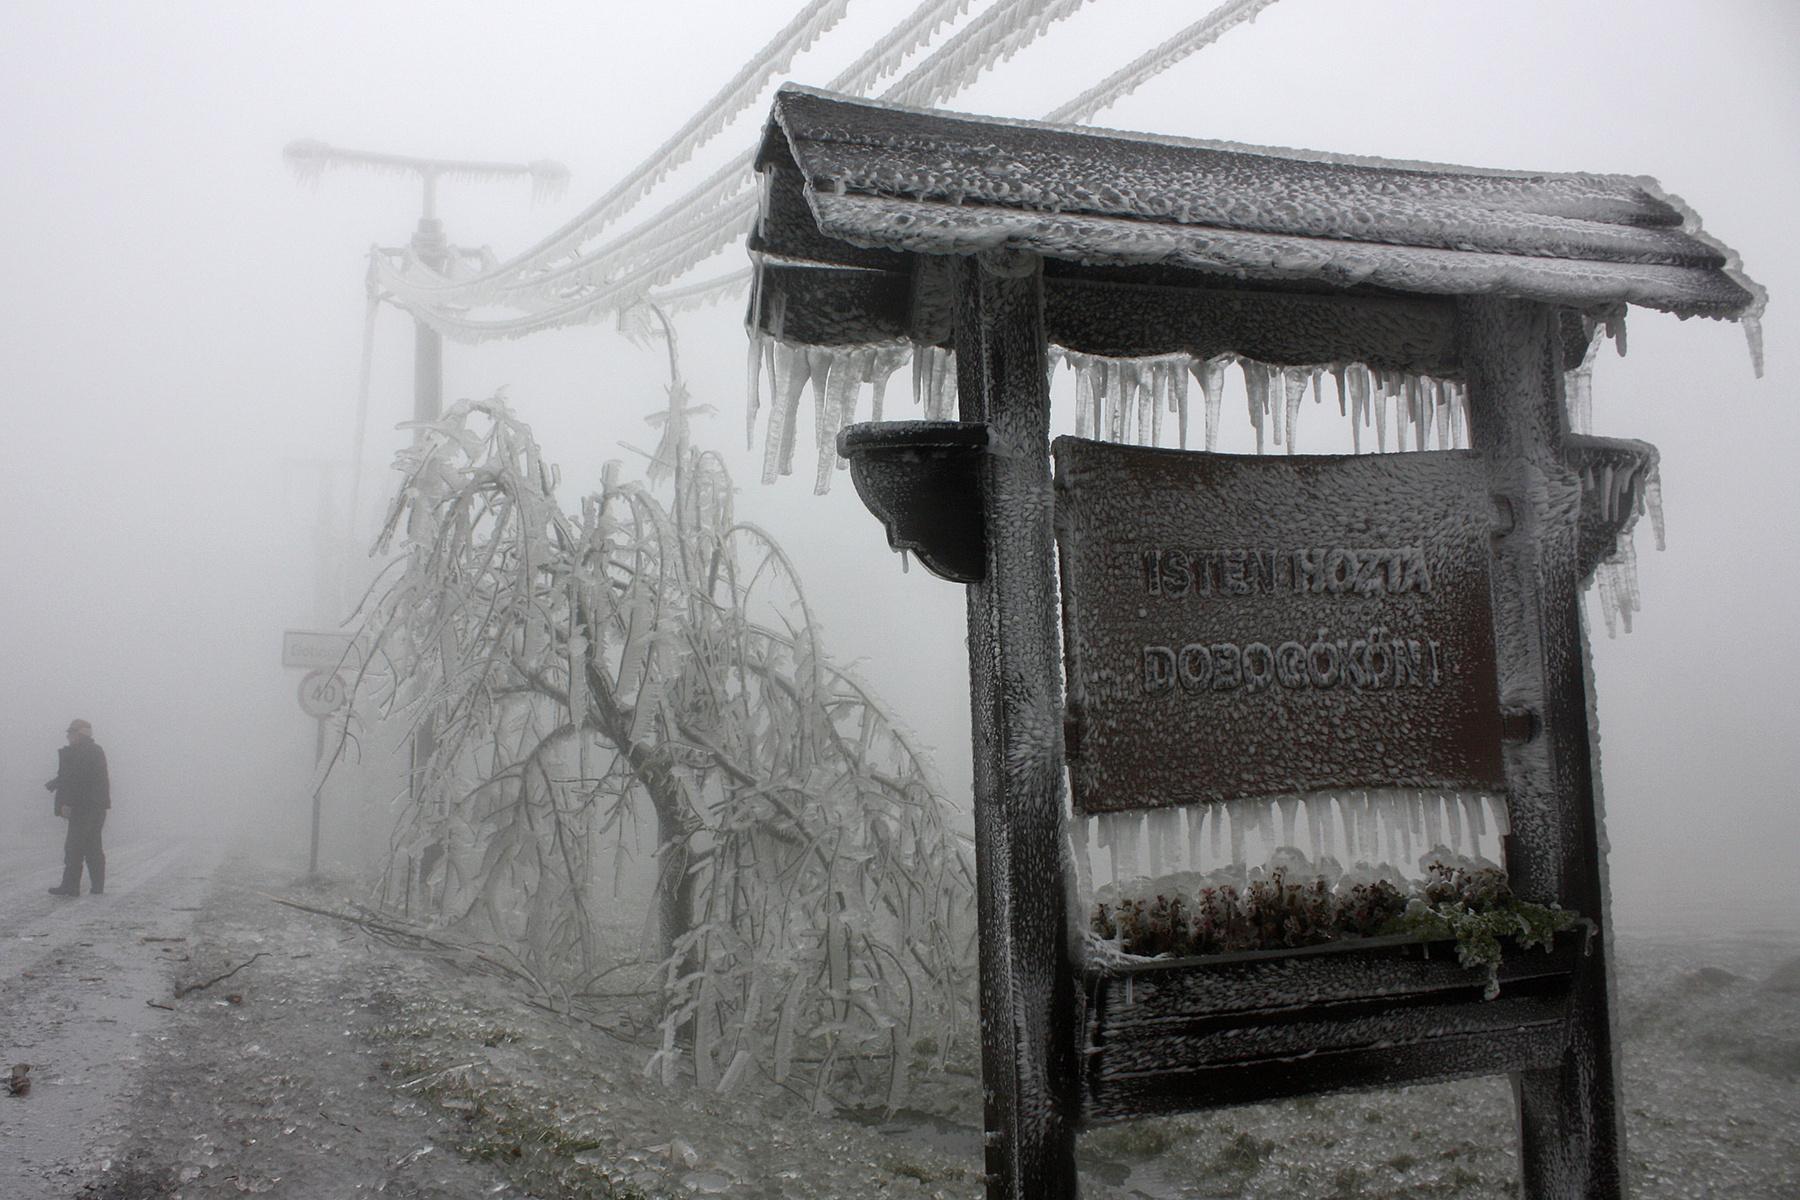 Index - Belföld - Dobogókőn beköszöntött a jégkorszak 7fb9670f59